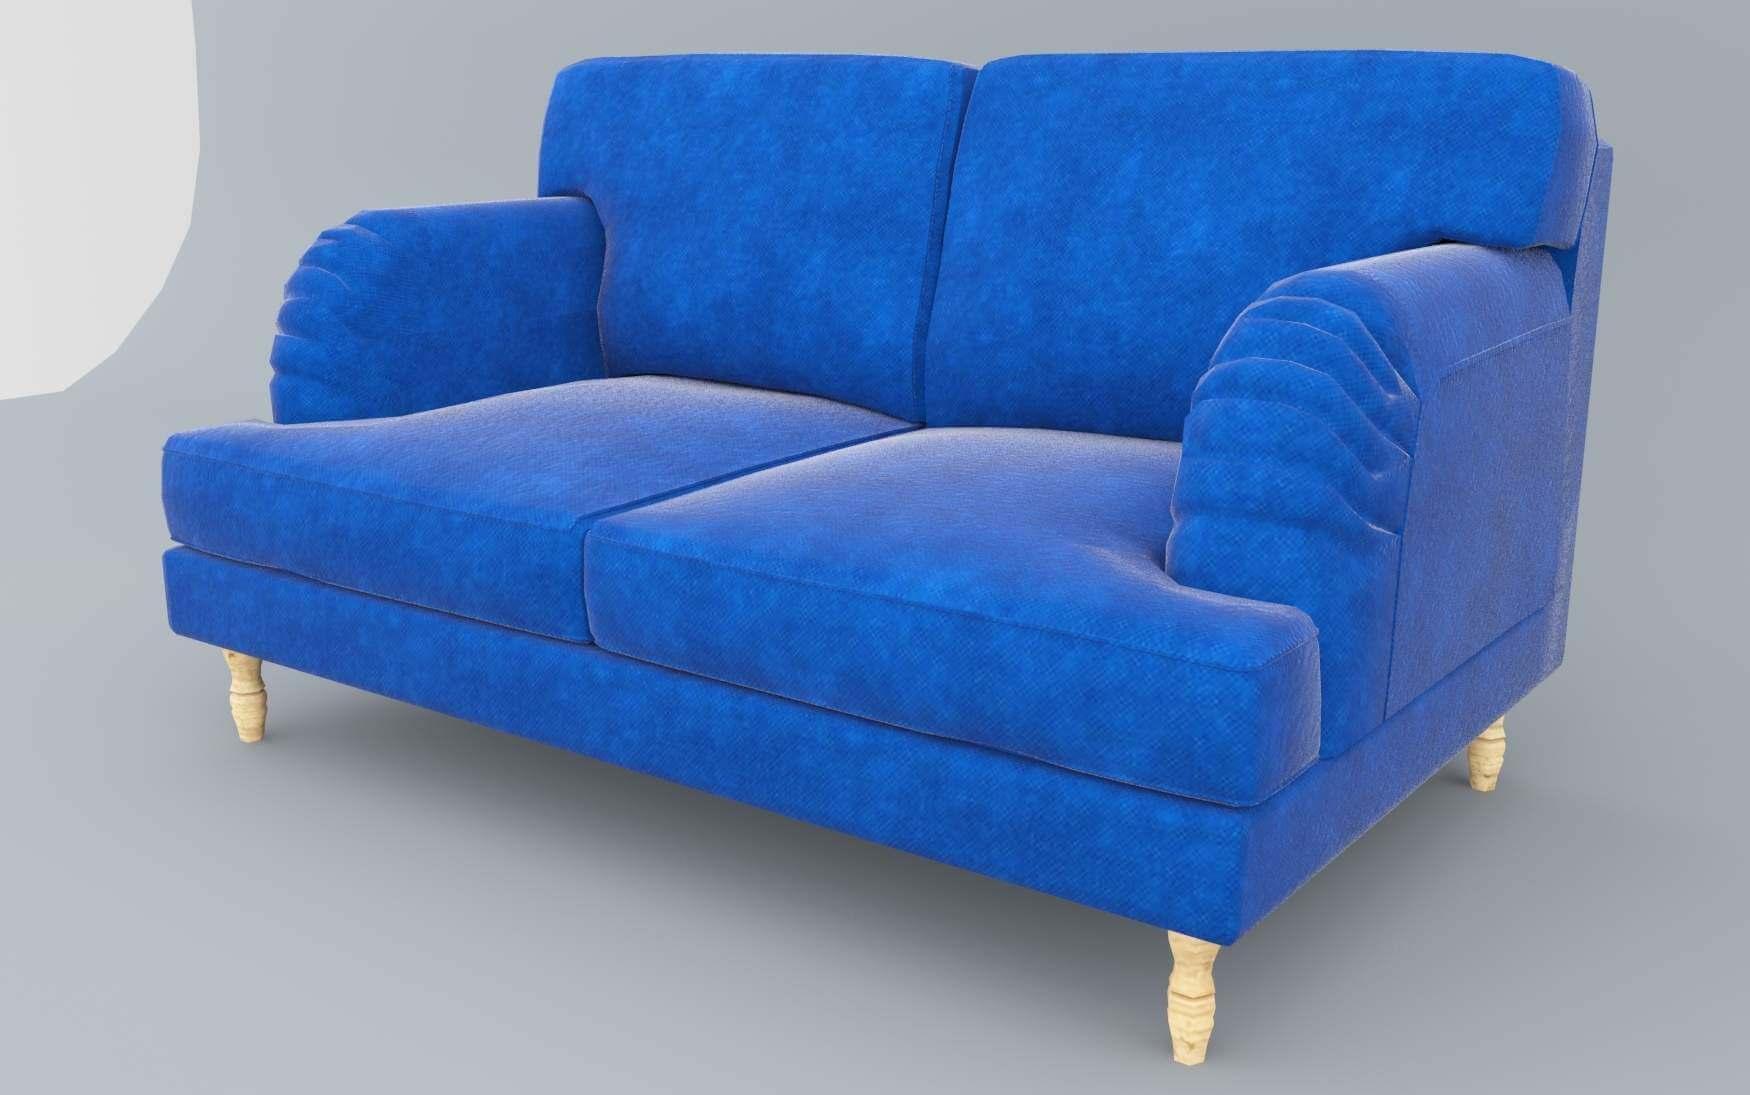 Ikea Socksund Sofa Model